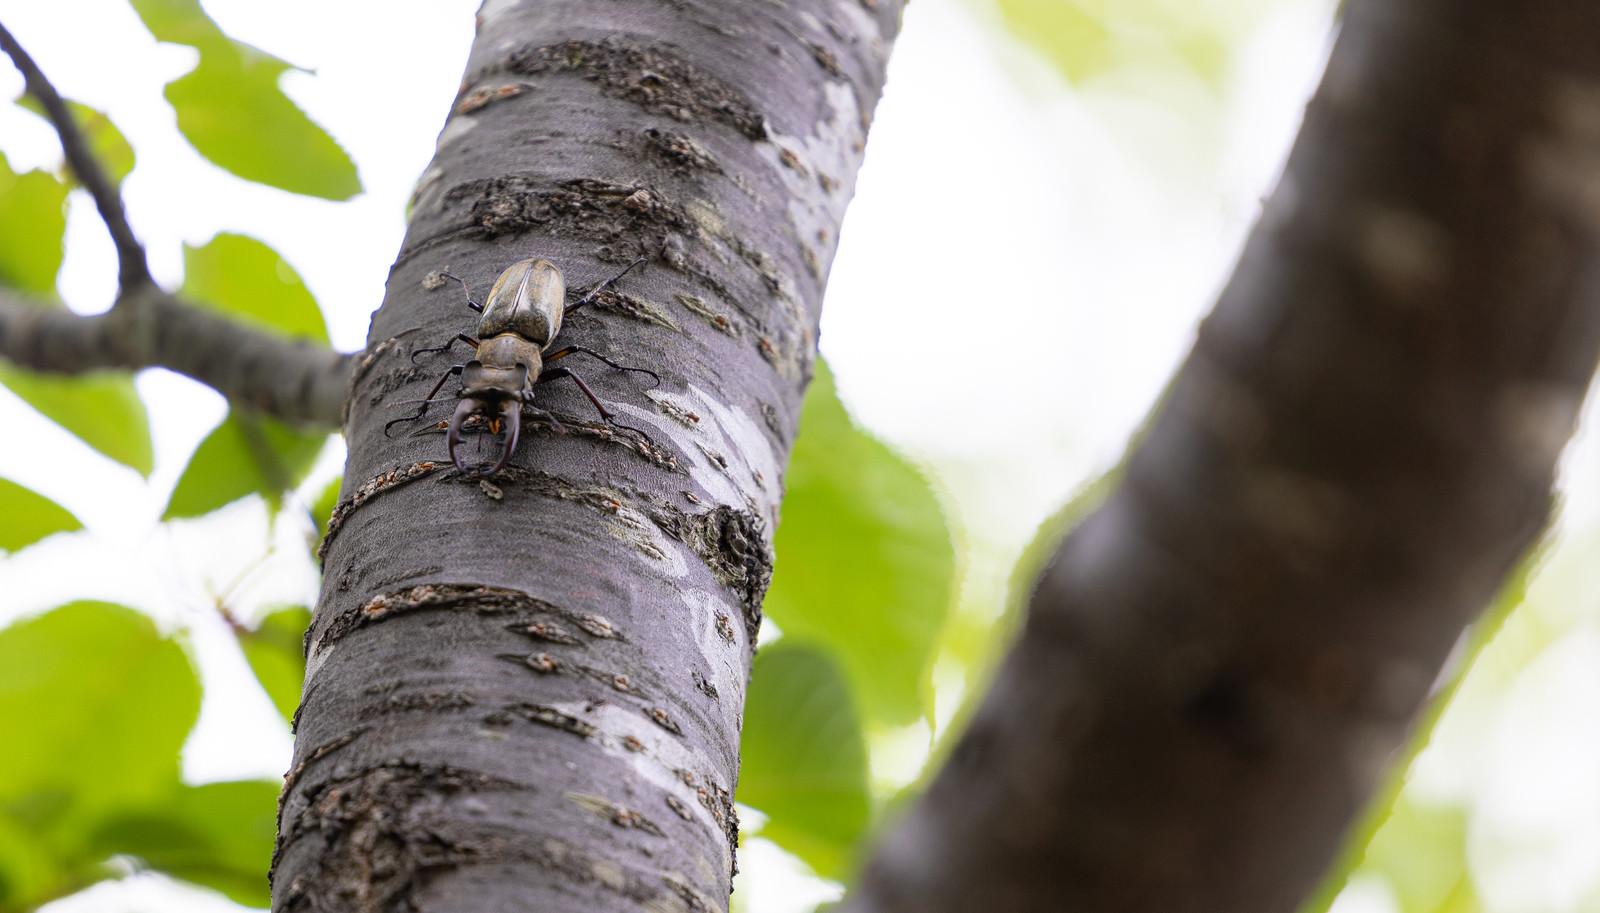 「木に捕まるミヤマクワガタ」の写真